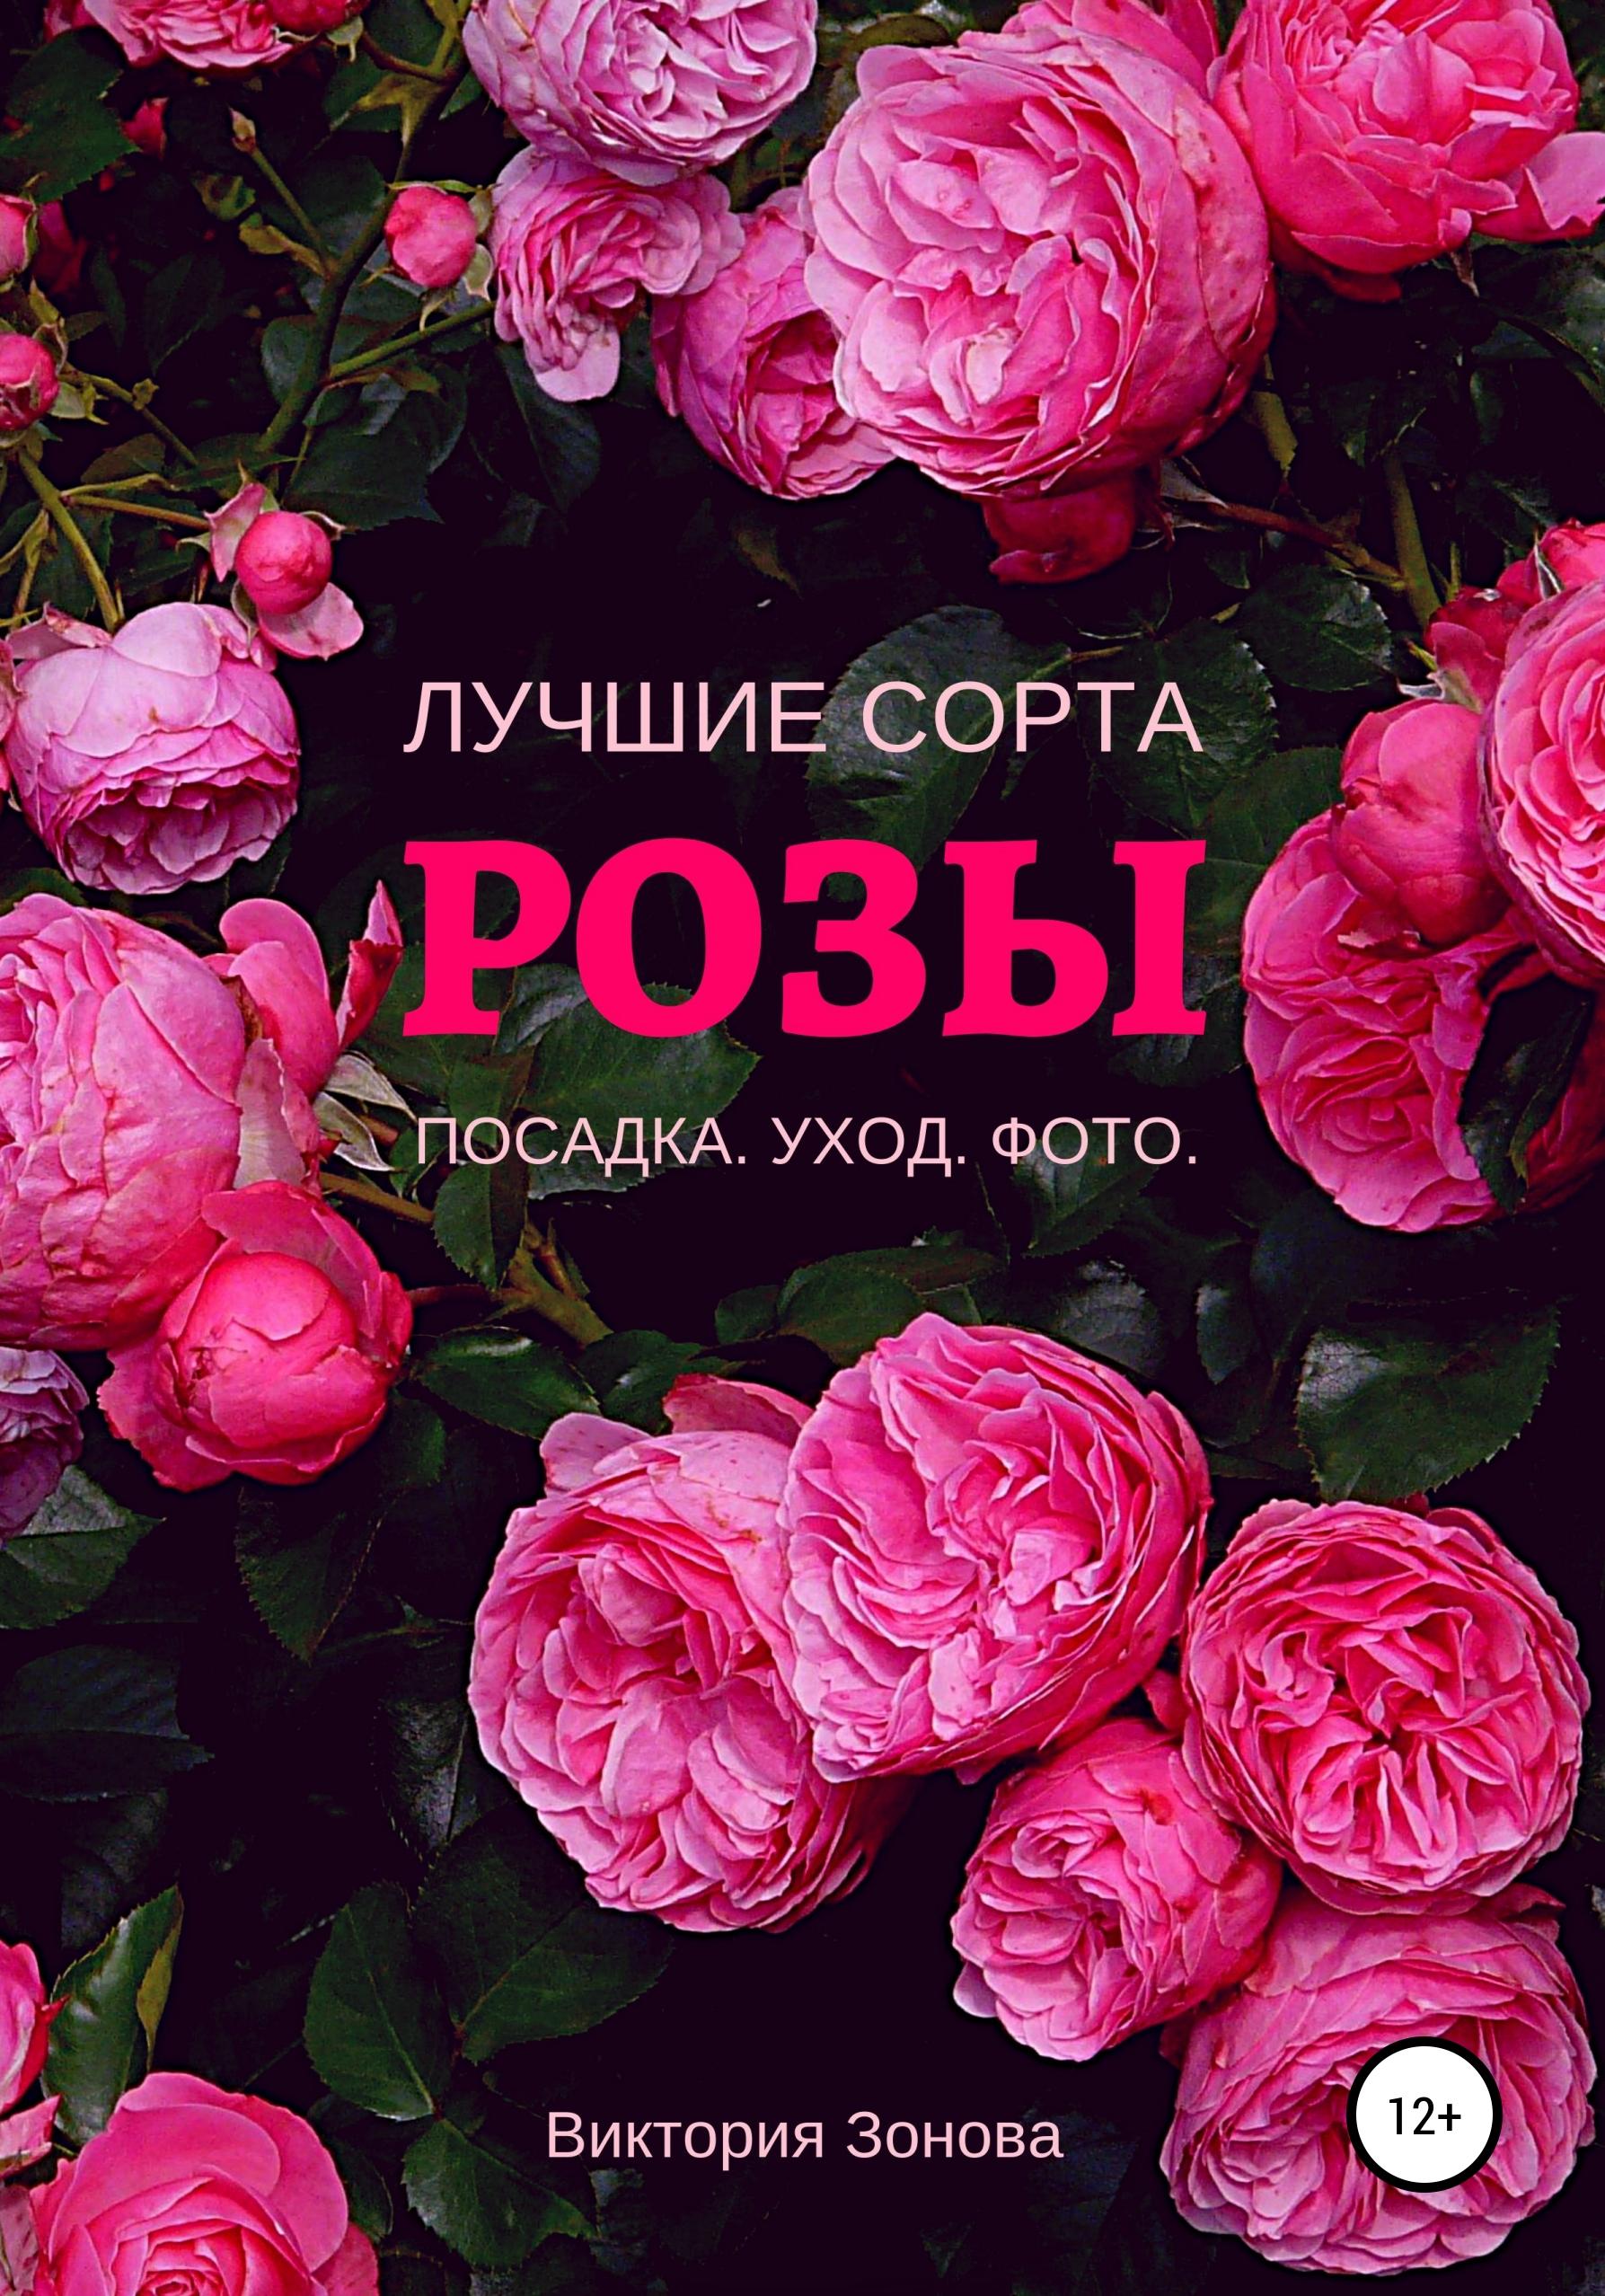 Купить книгу Розы. Лучшие сорта, автора Виктории Зоновой